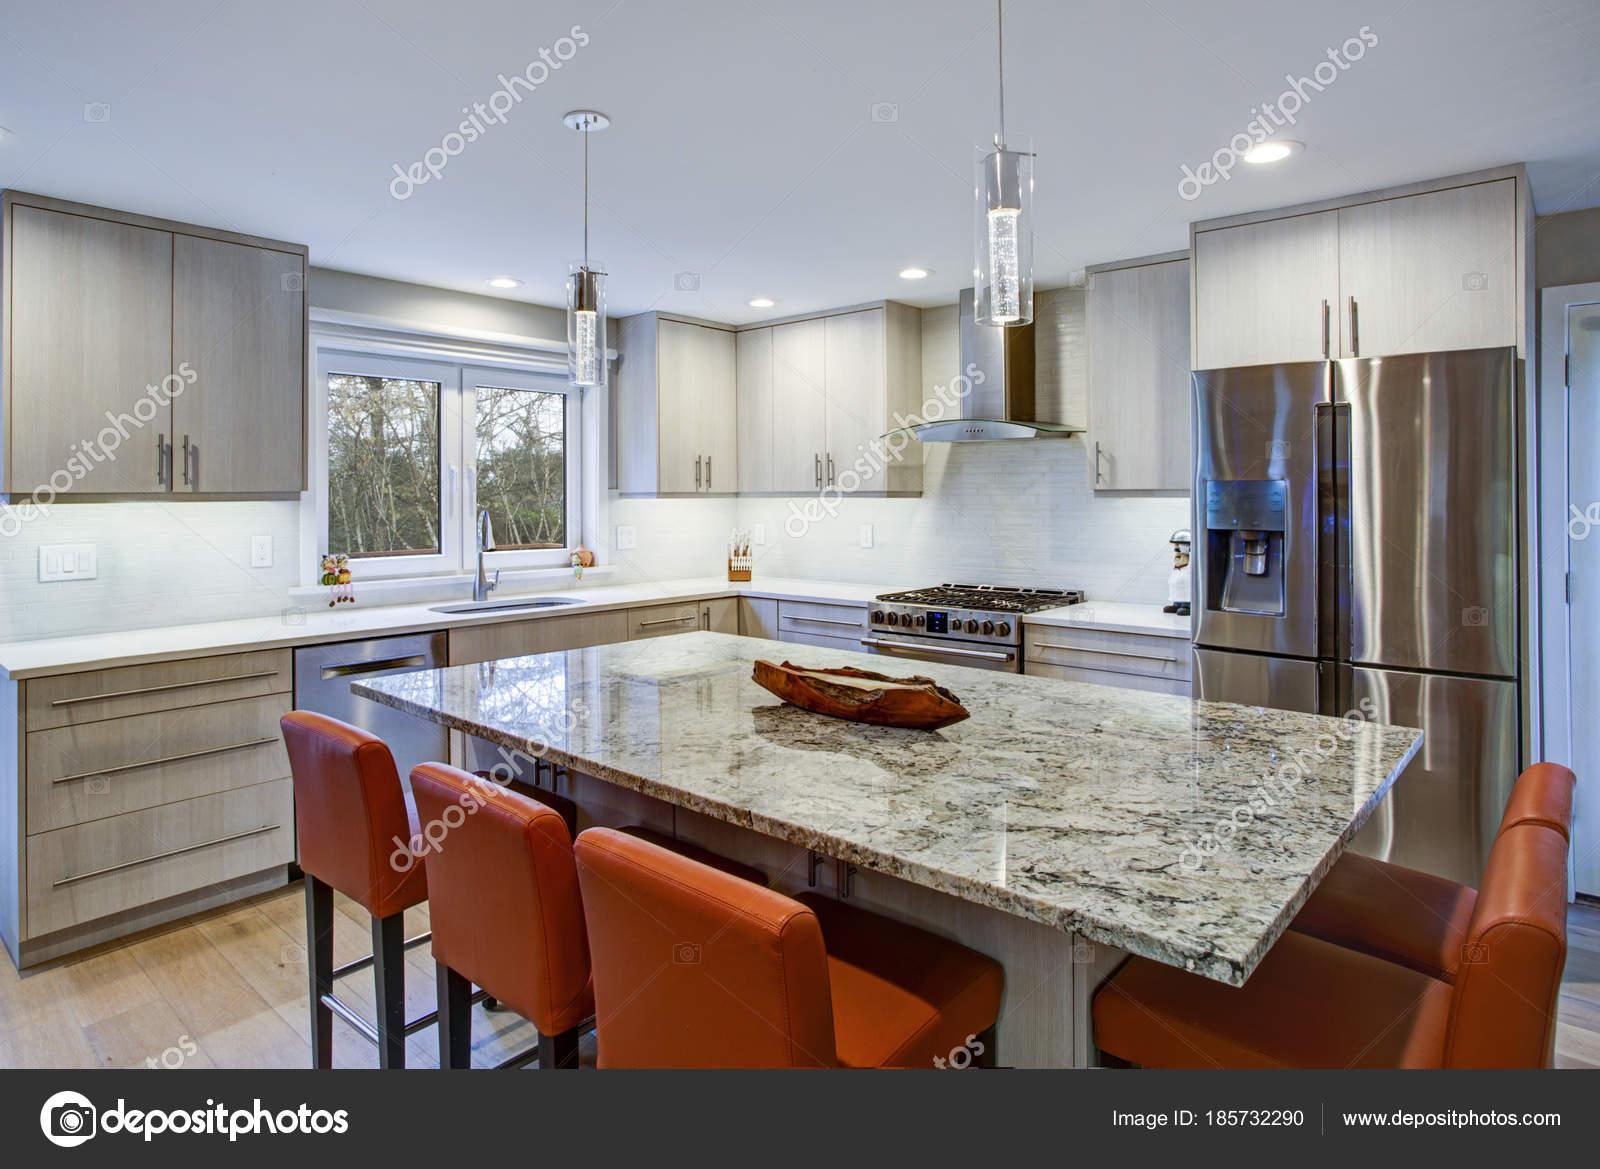 Sala Cozinha Com Ilha De Cozinha Fotografias De Stock Alabn